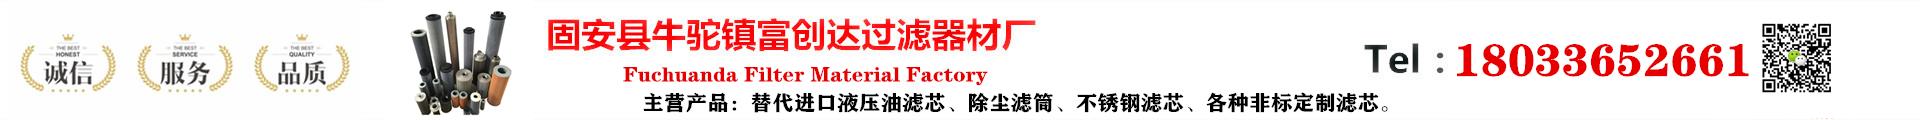 固安县牛驼镇富创达过滤器材厂